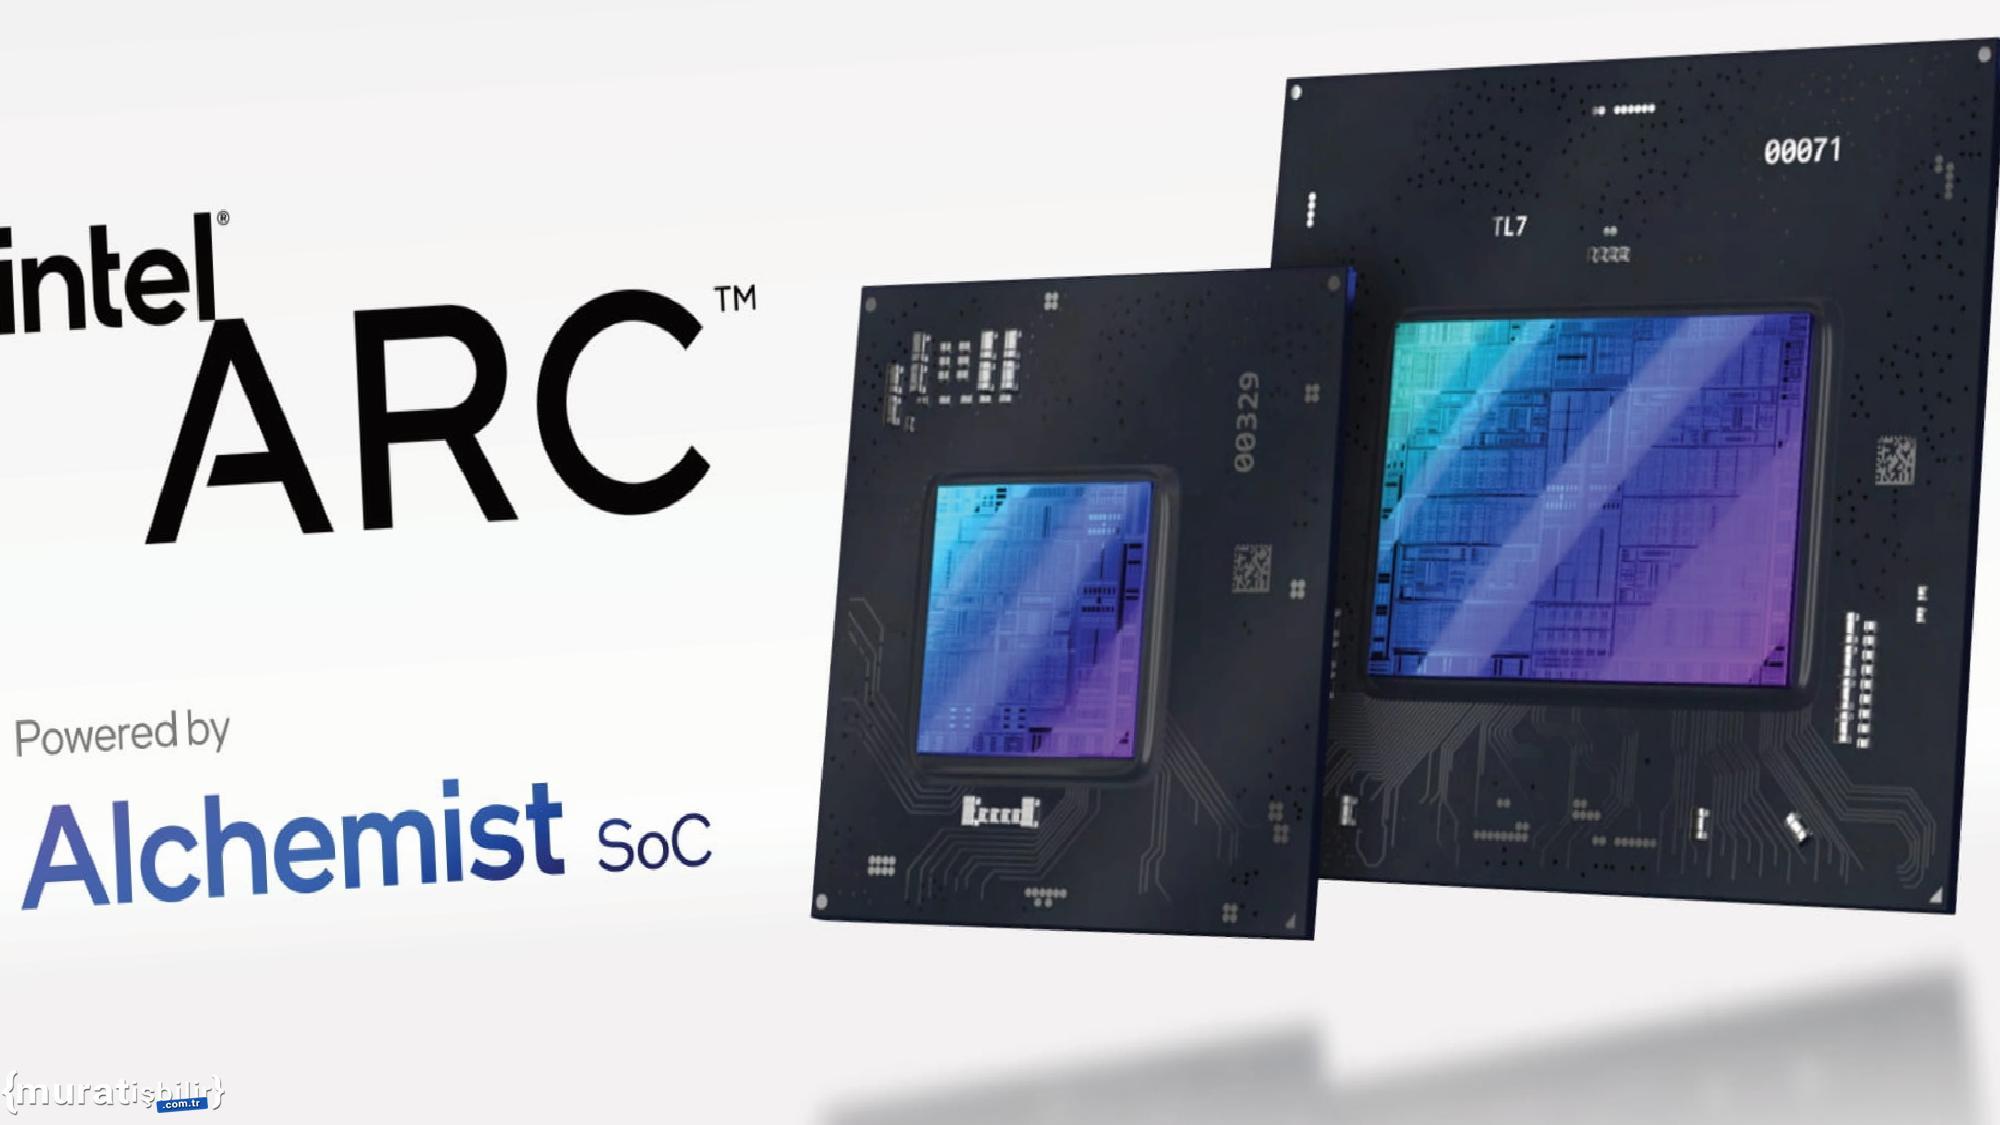 NVIDIA ve AMD Kartlara Rakip Intel ARC Alchemist Modelleri Sızdı